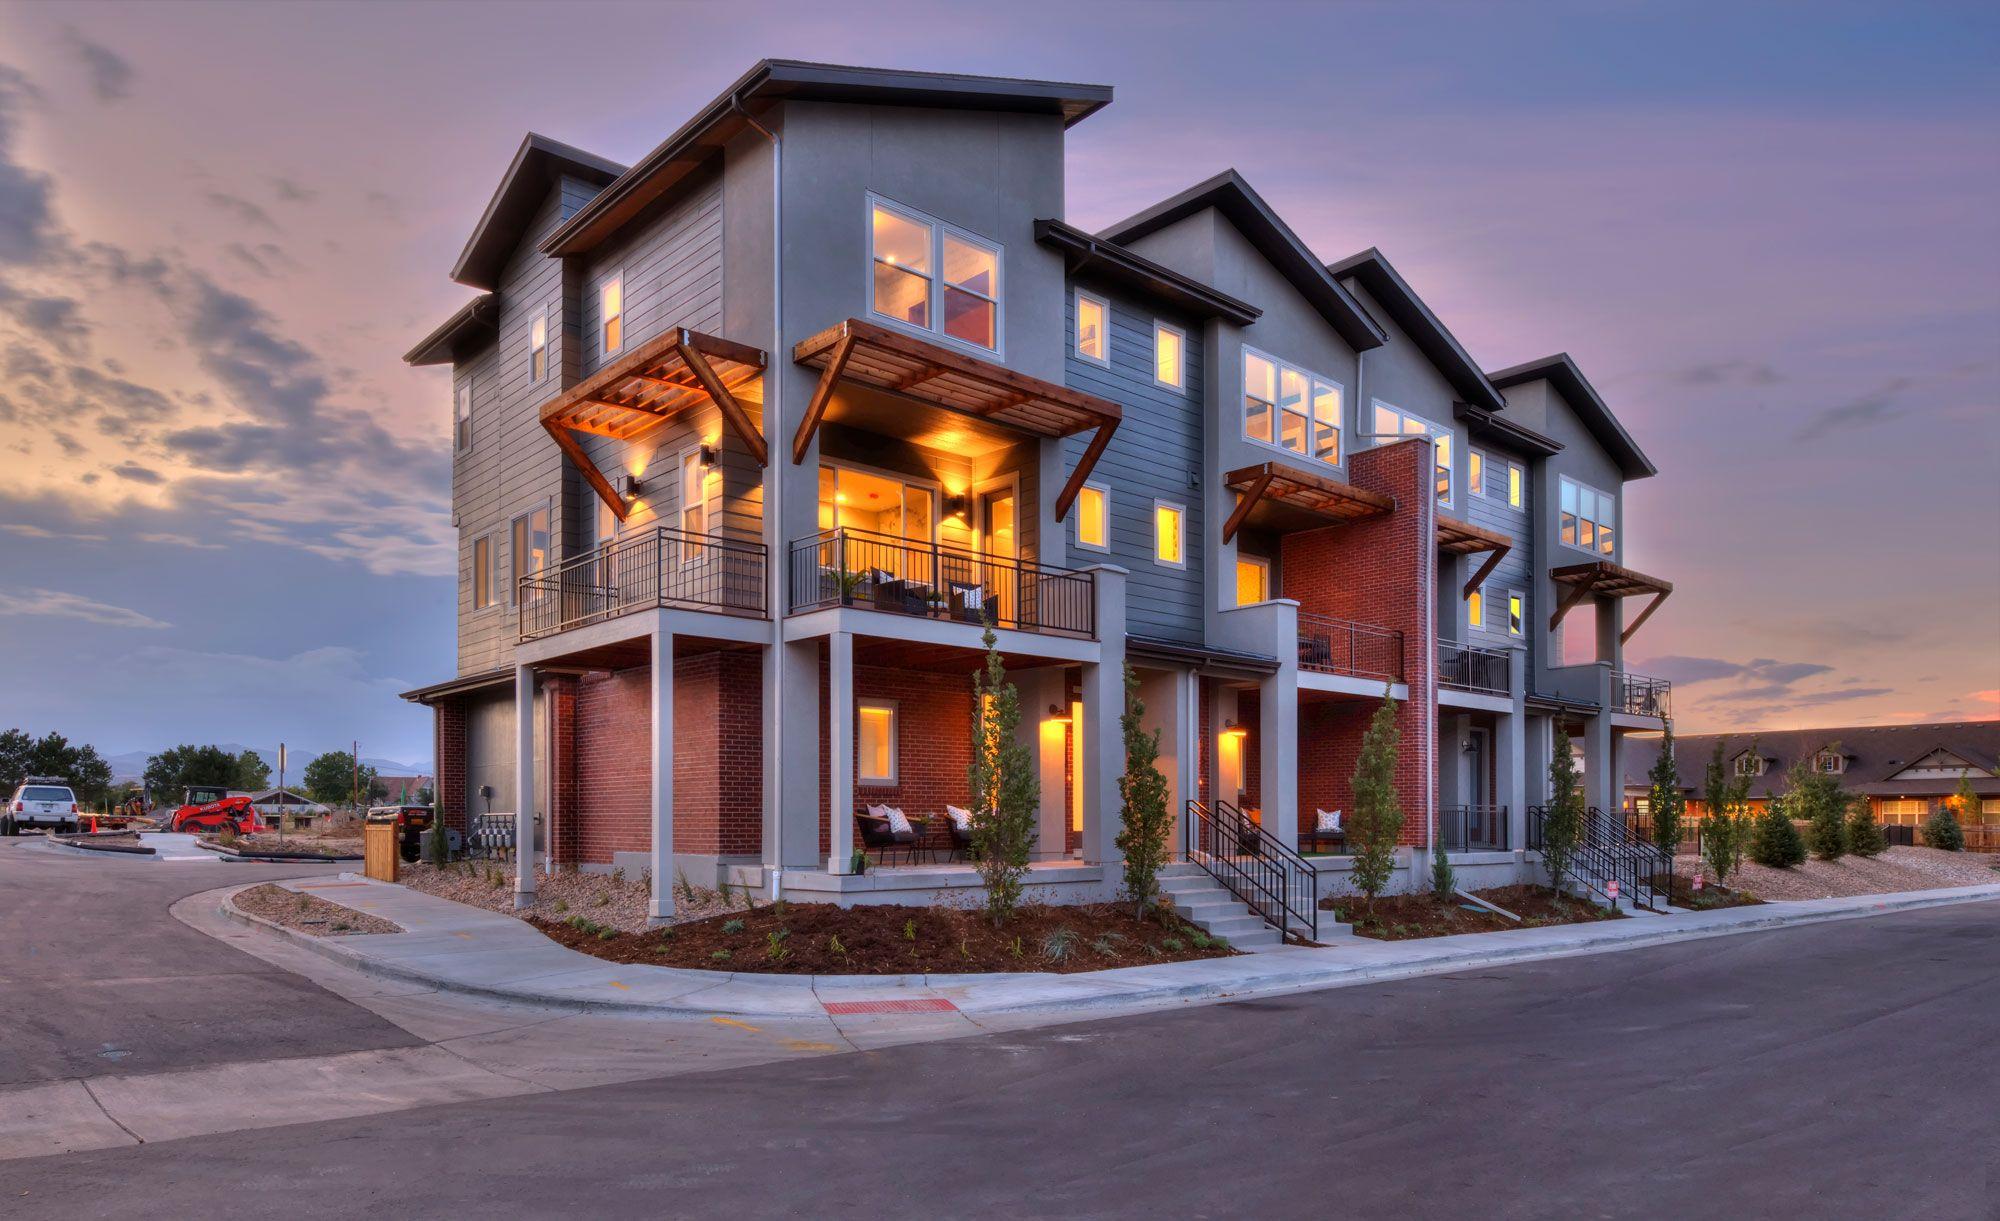 'WestRidge' by Thrive Home Builders in Denver